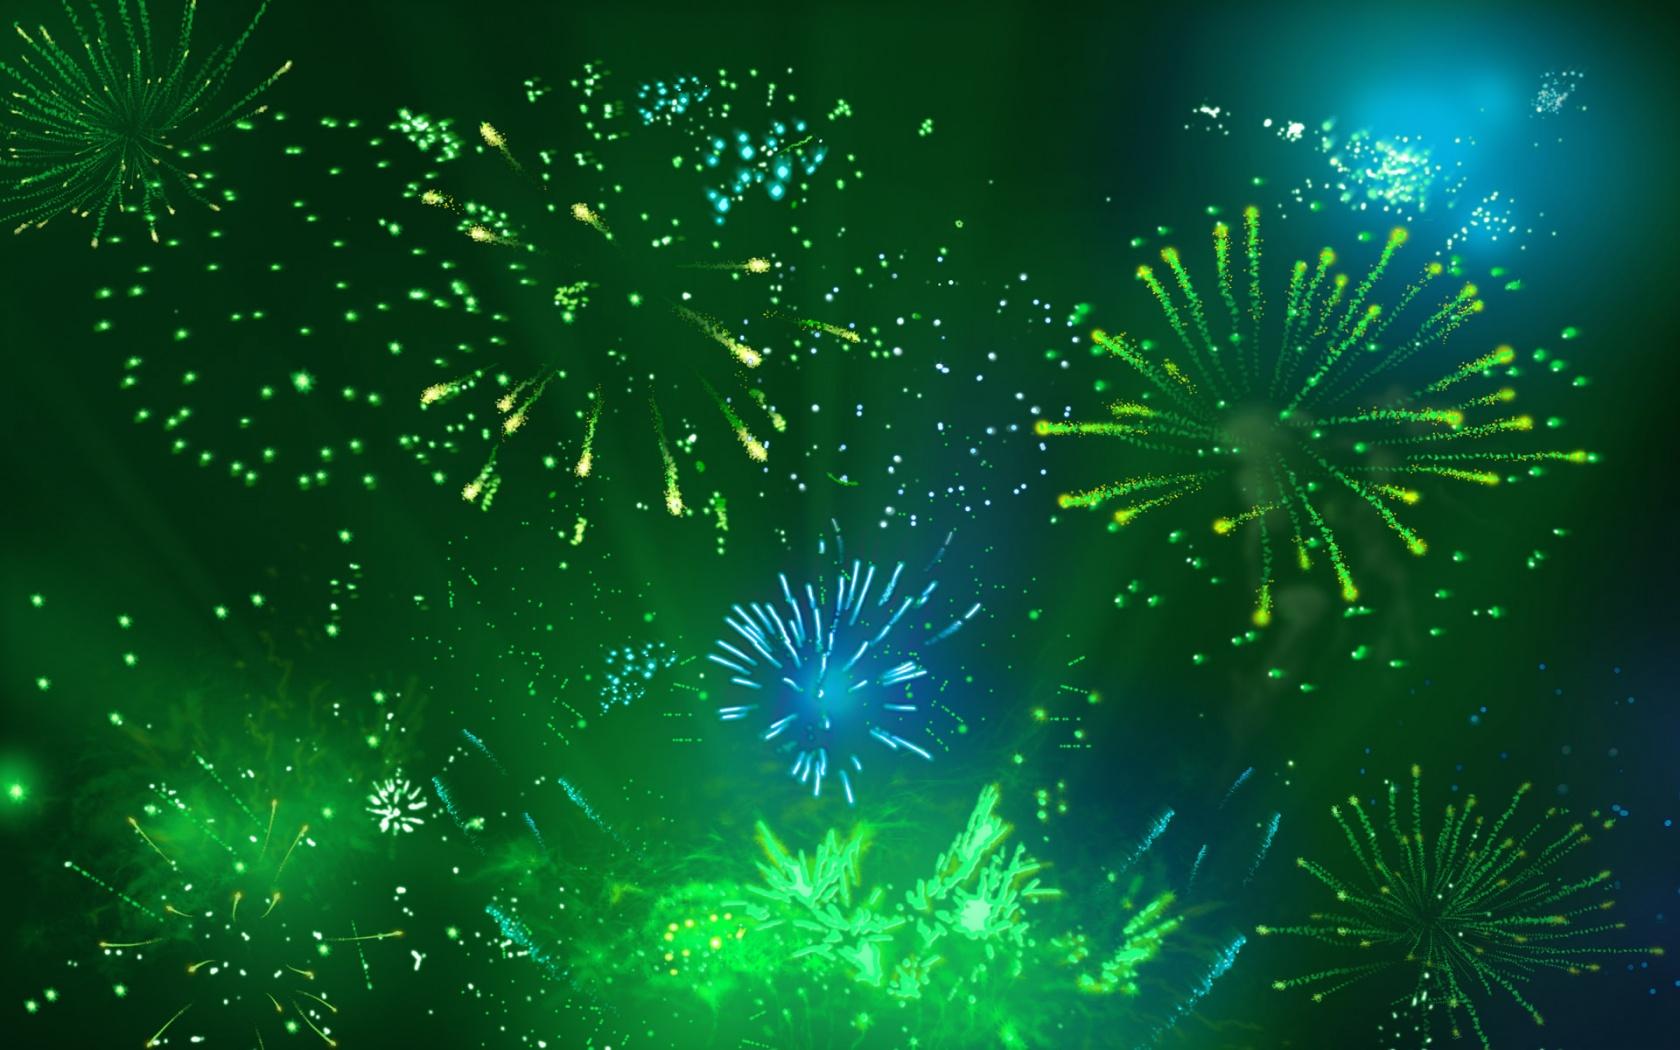 Green Fireworks Google Skins Blue Green Fireworks Google Backgrounds 1680x1050